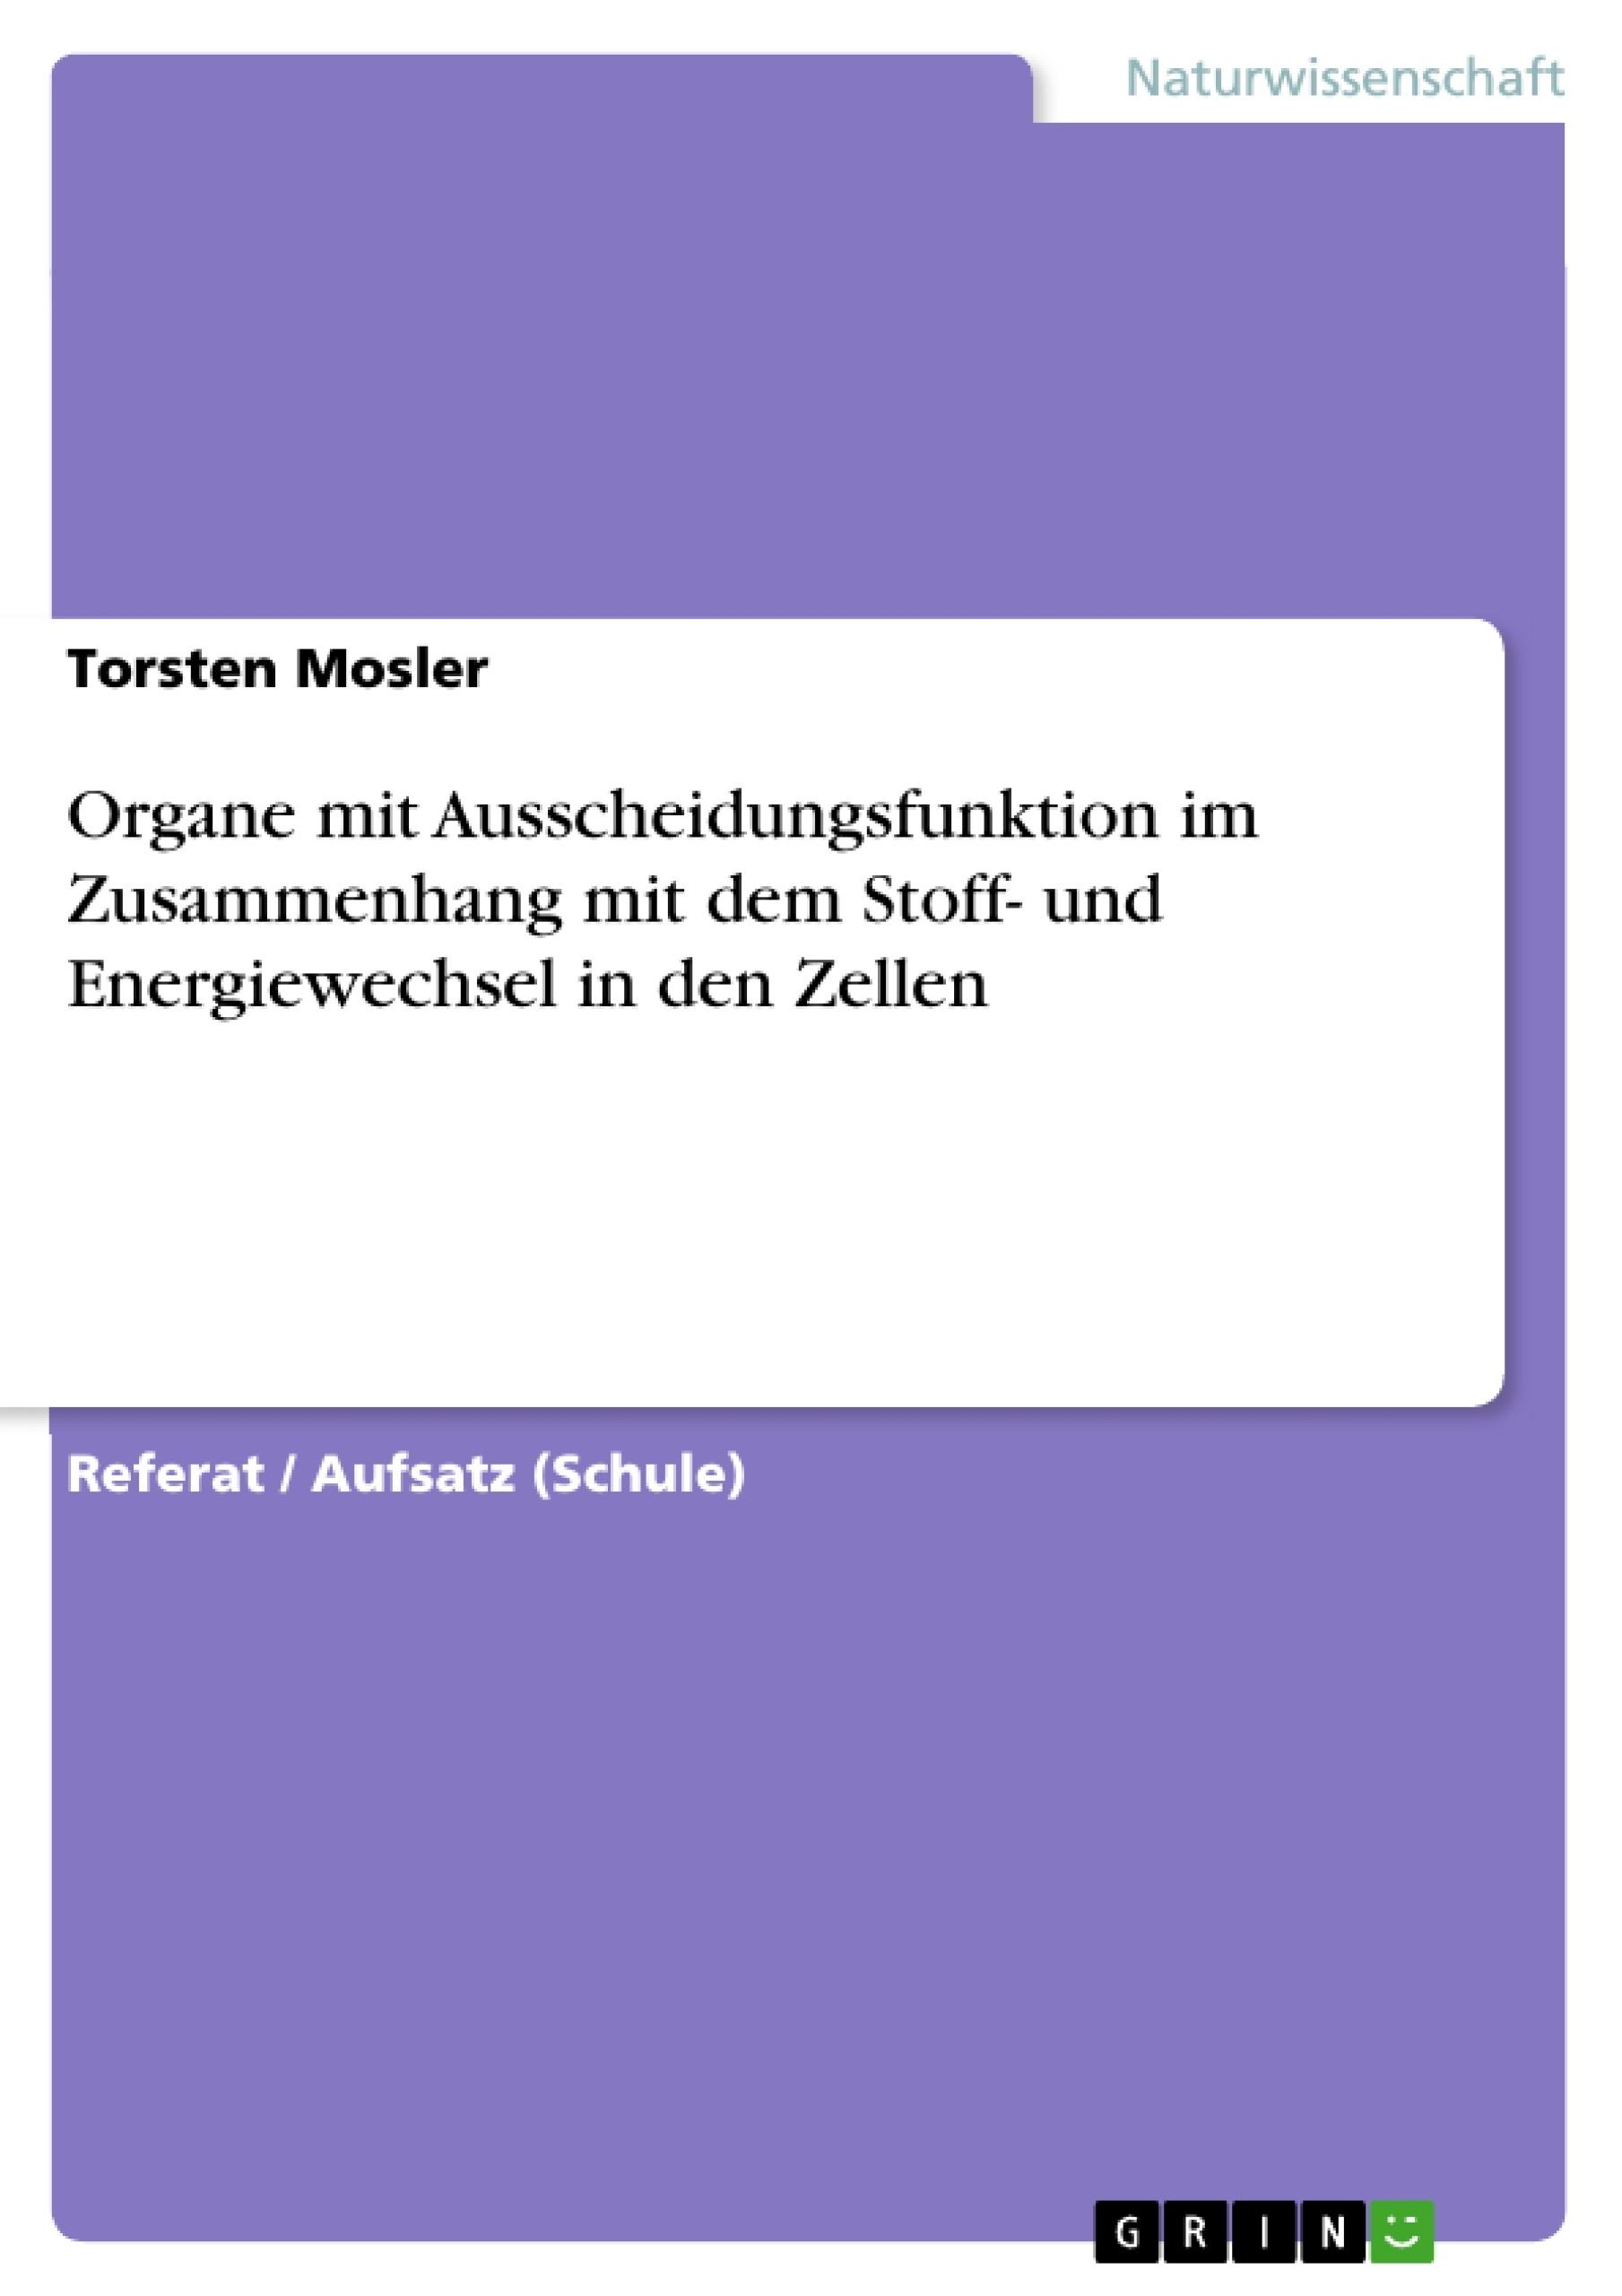 Titel: Organe mit Ausscheidungsfunktion im Zusammenhang mit dem Stoff- und Energiewechsel in den Zellen